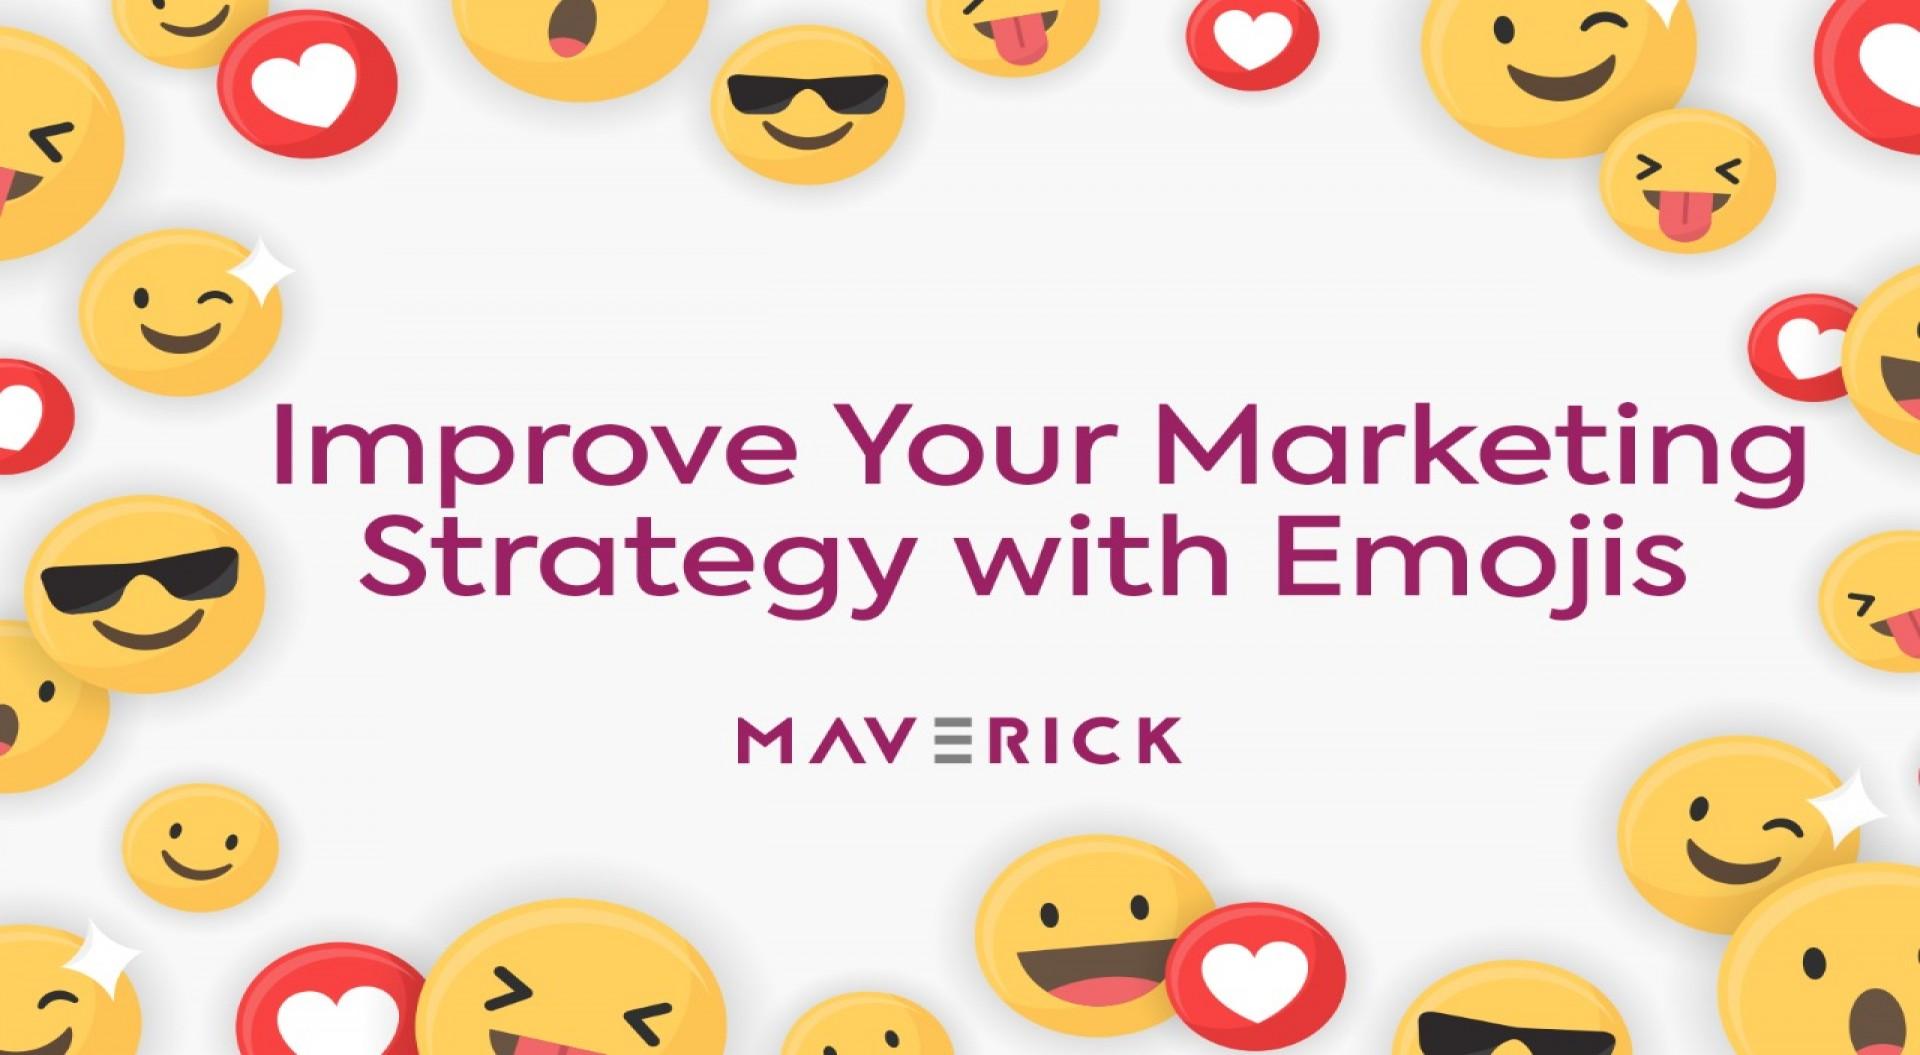 Marketing Strategy with Emojis